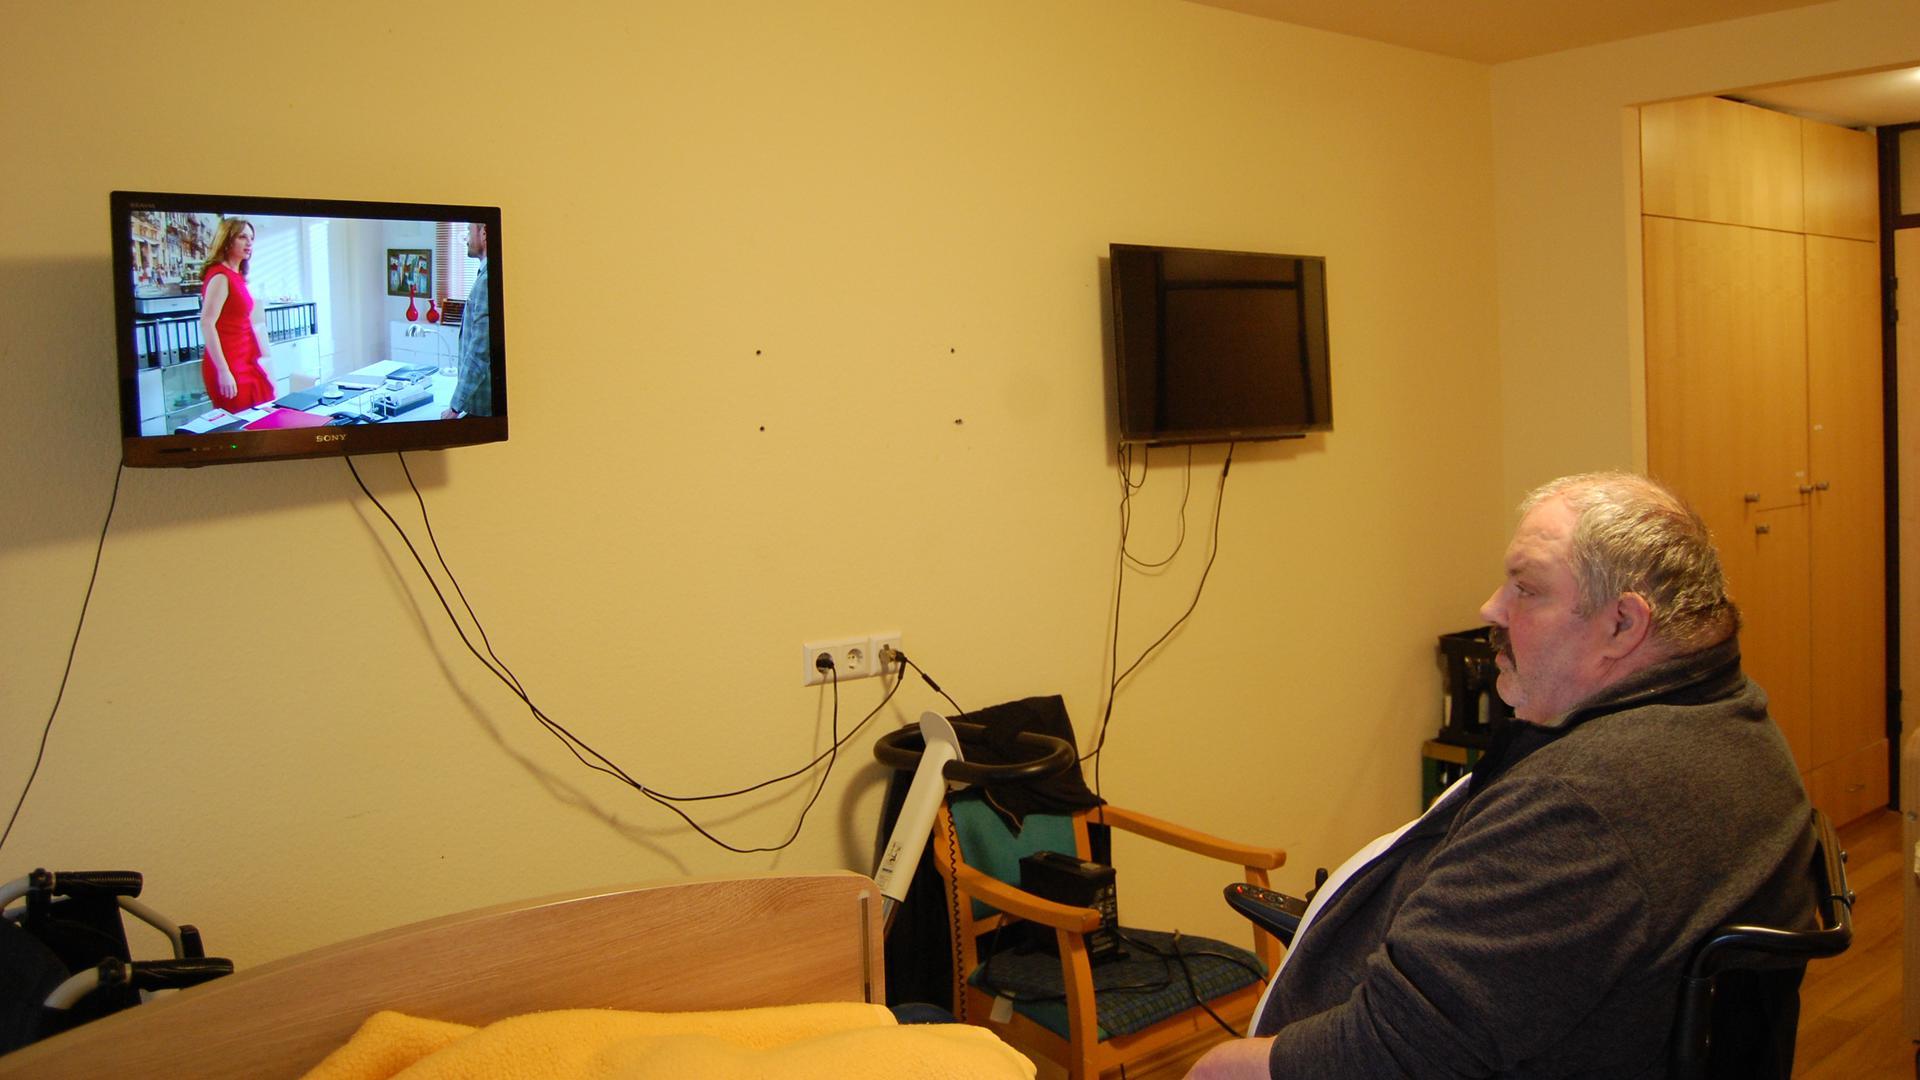 Uwe Bonrath sitzt in seinem Rollstuhl und guckt in einen Fernseher.